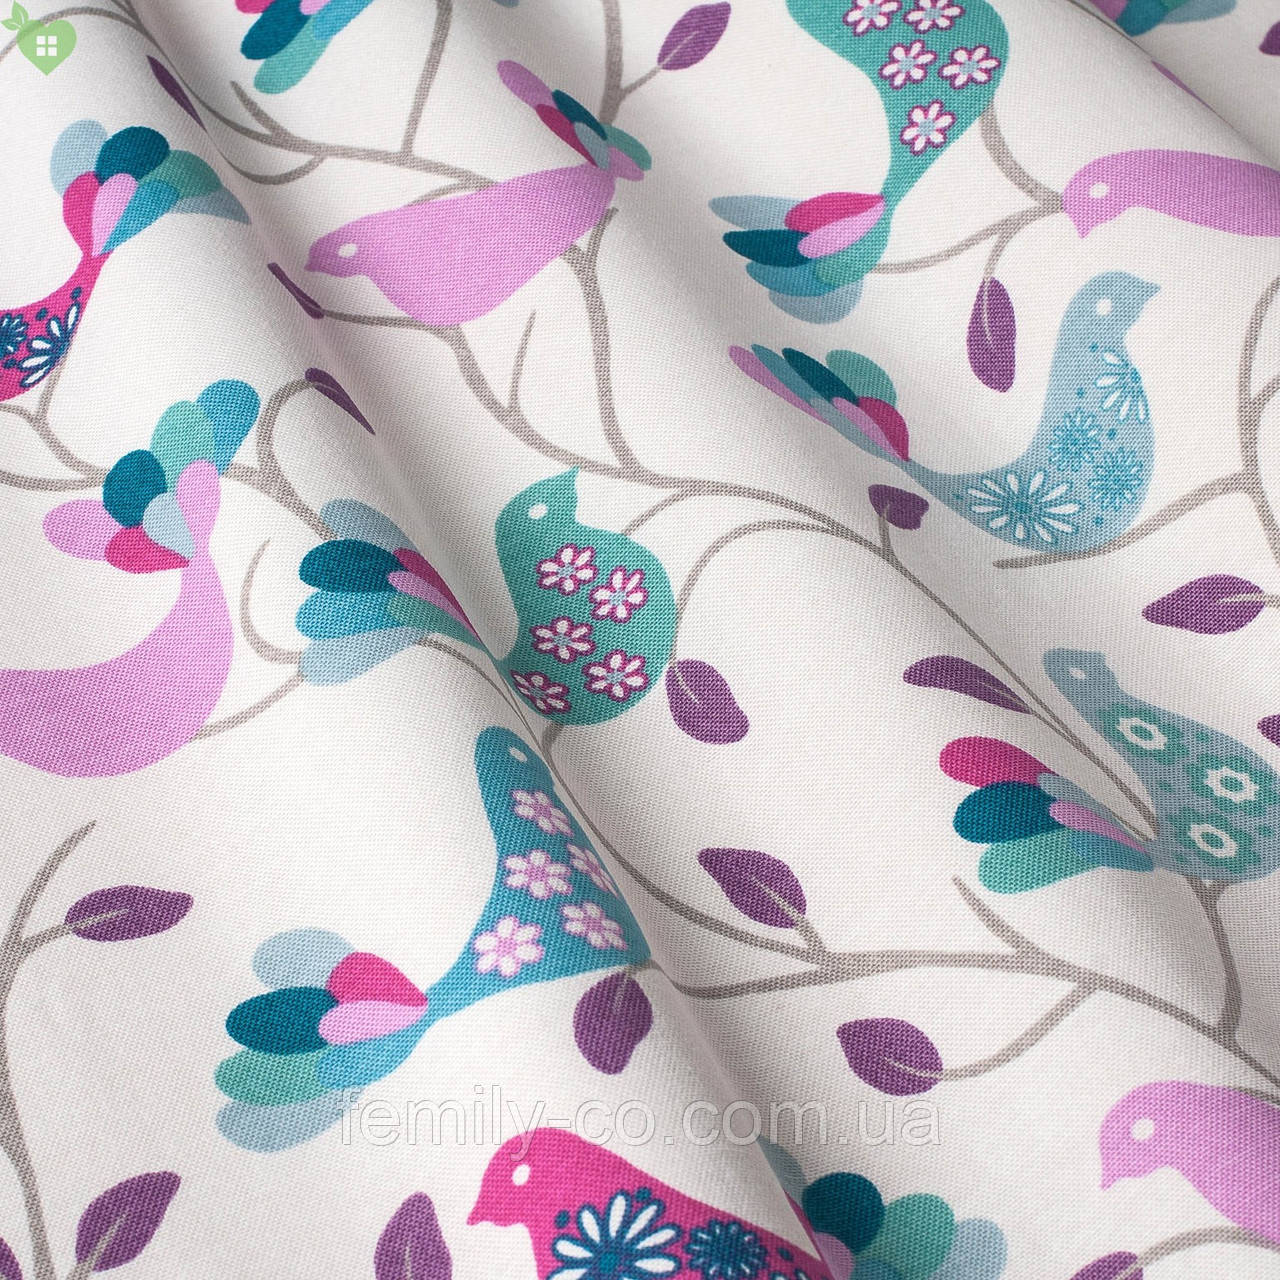 Декоративная ткань с розовыми и голубыми птицами на молочном фоне Турция 83590v14